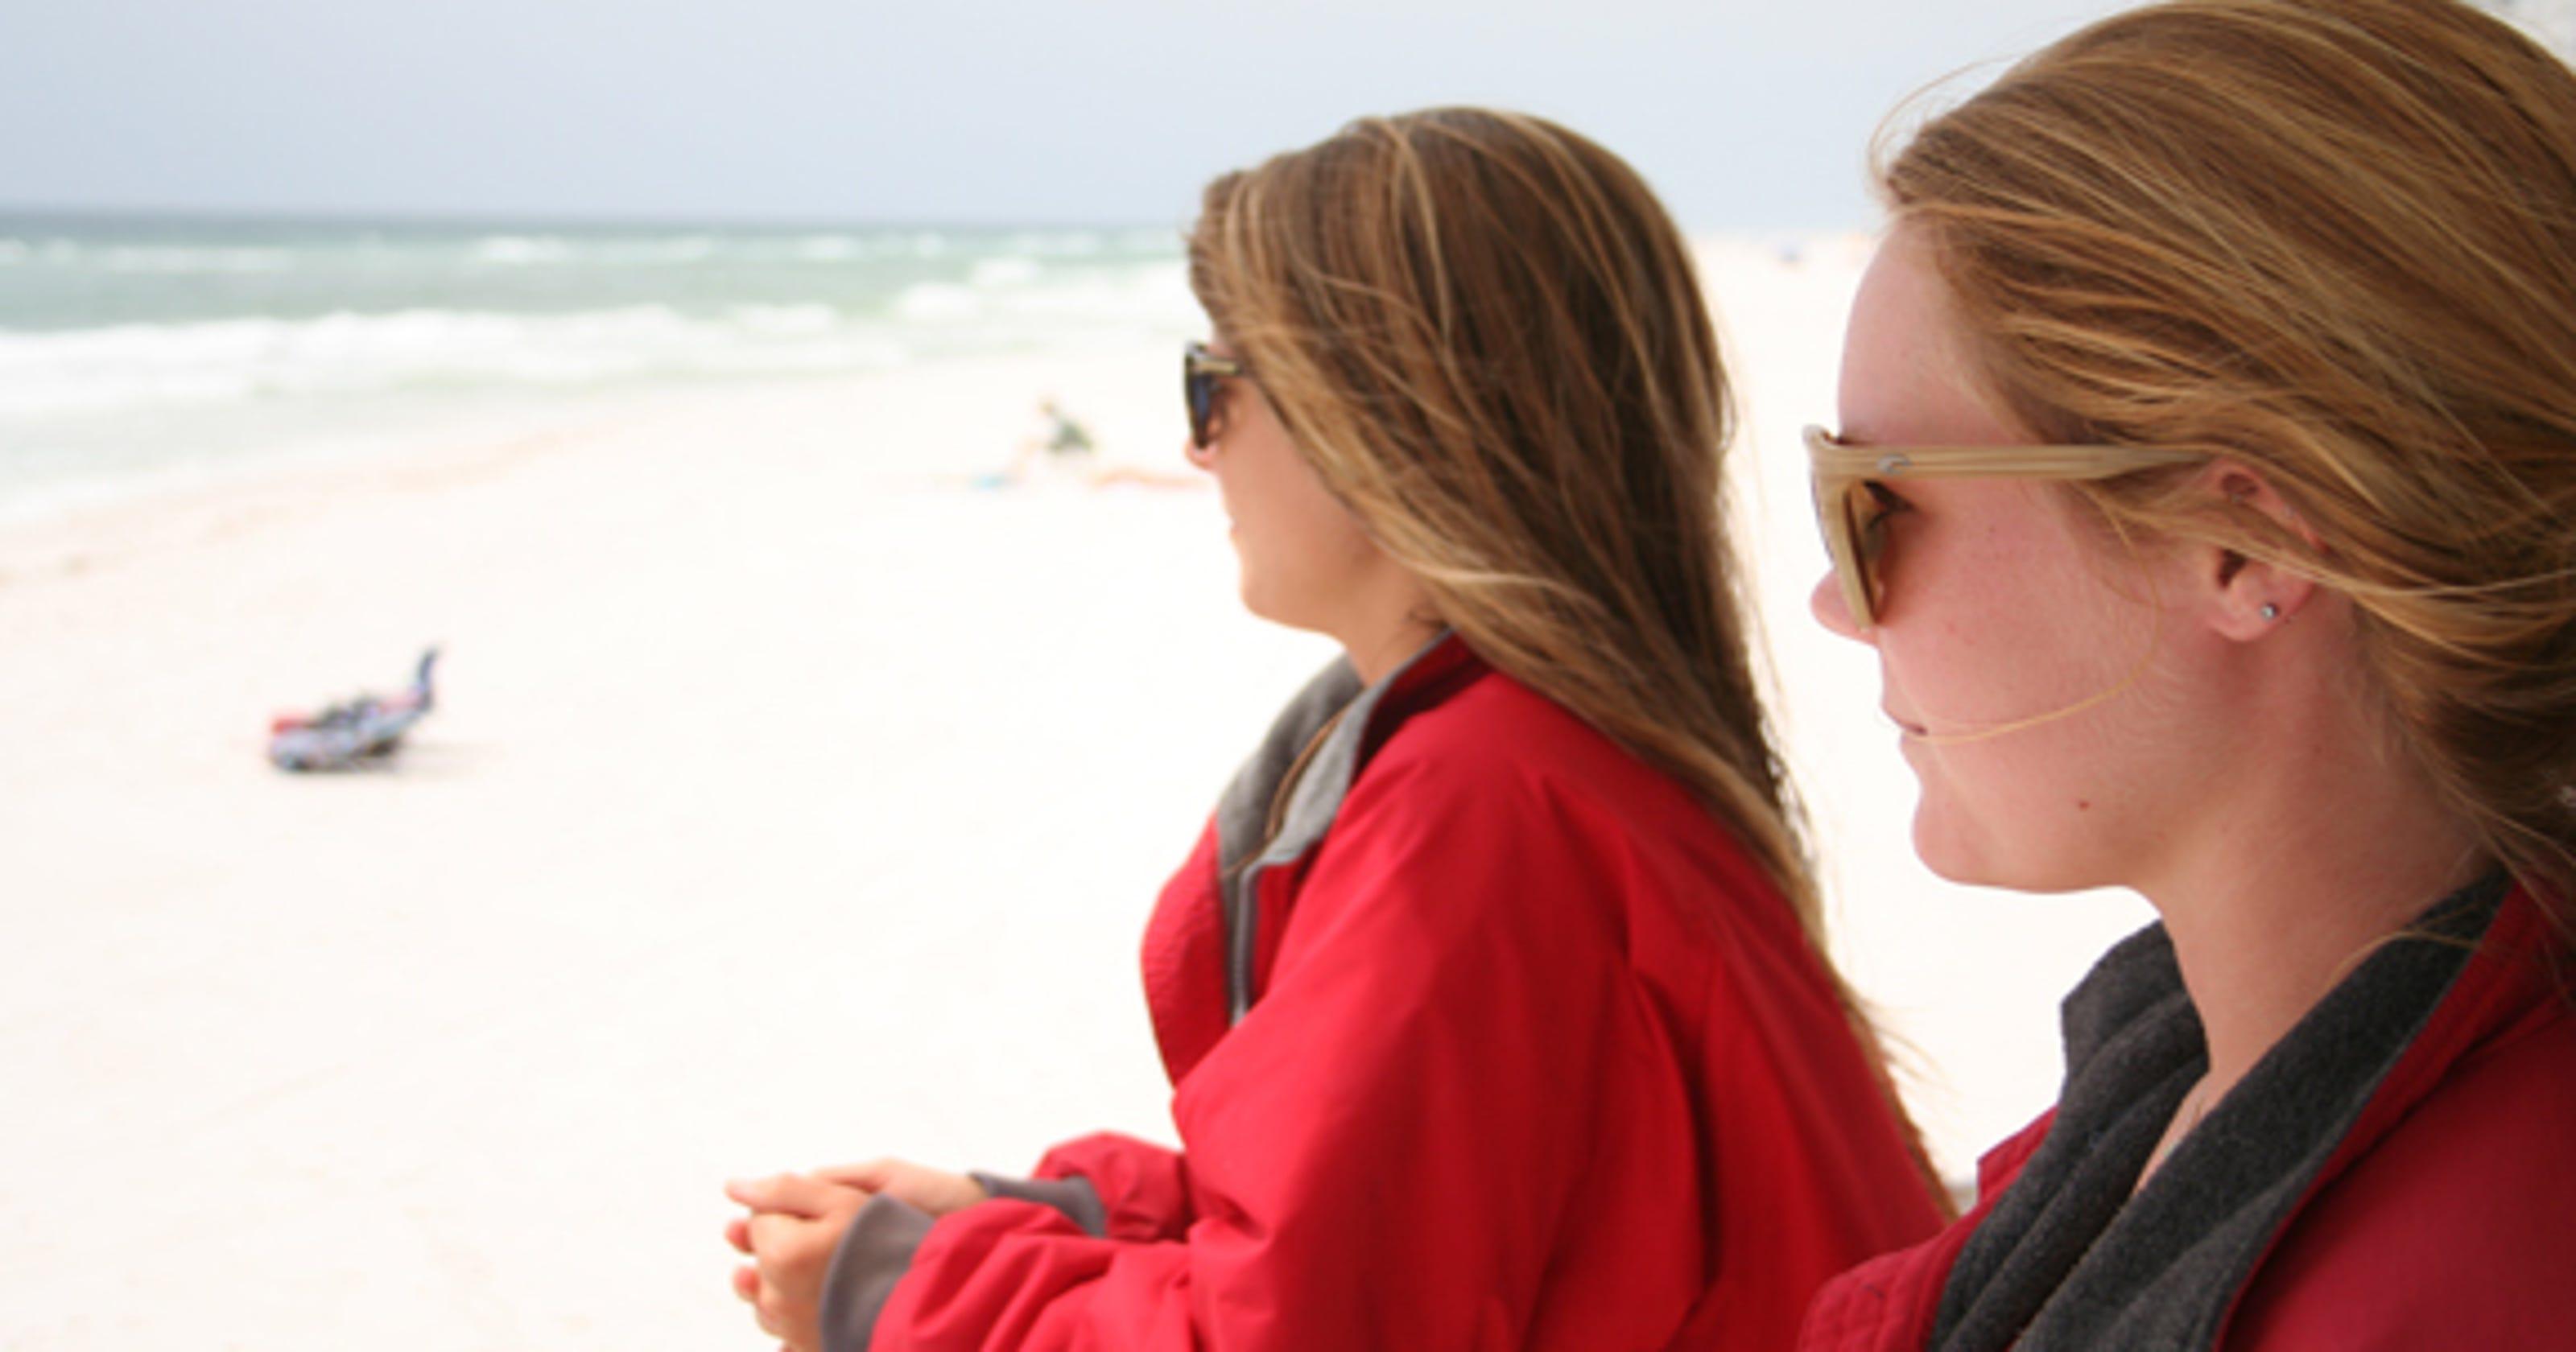 ade2f3e031e2 Pensacola Beach Lifeguards sport female power